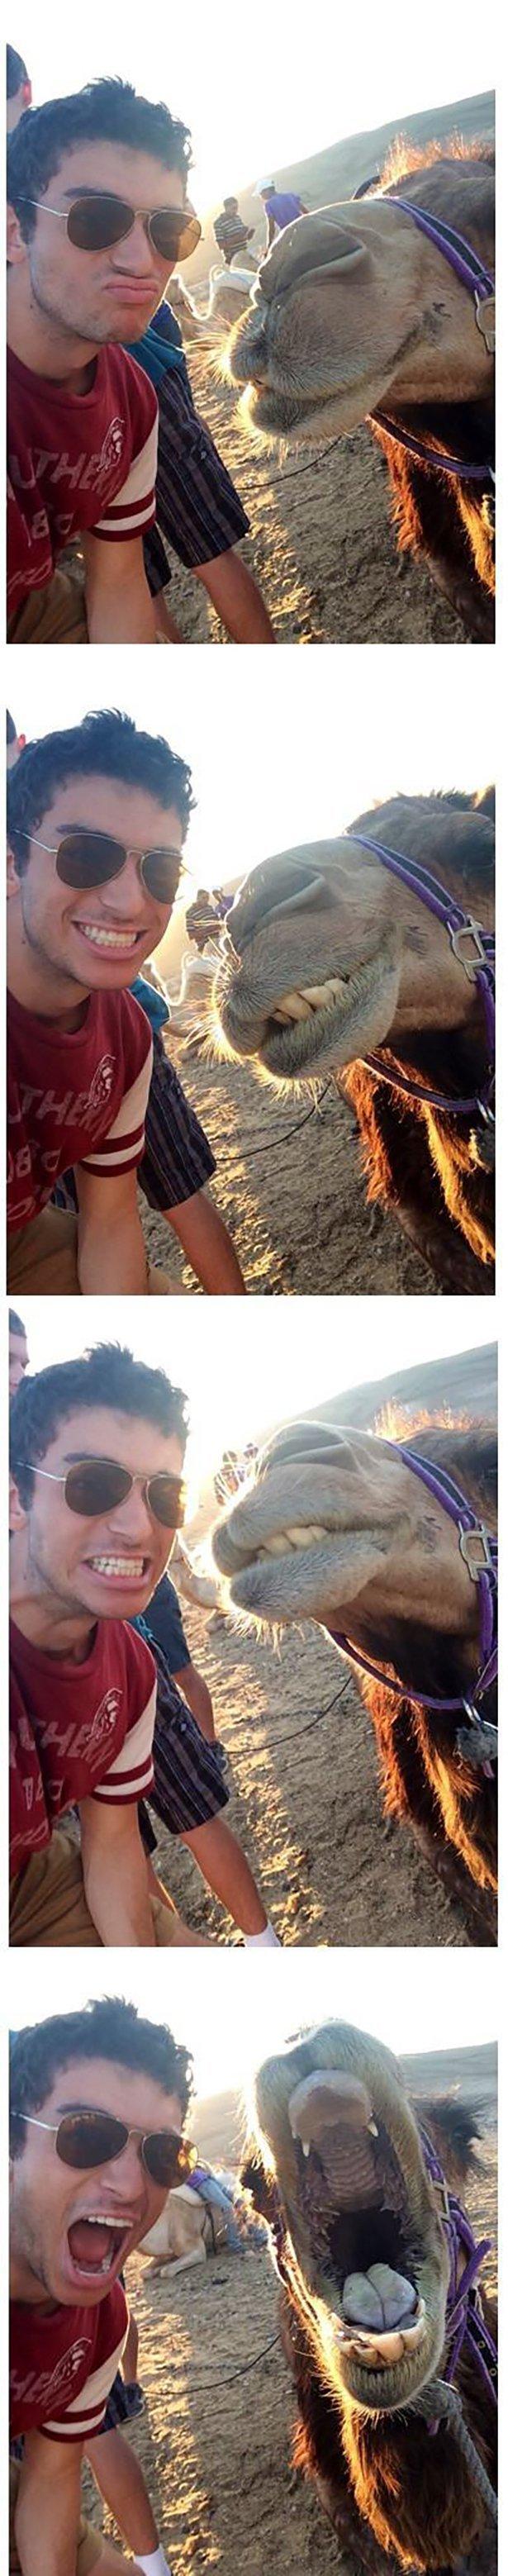 Селфи с животными